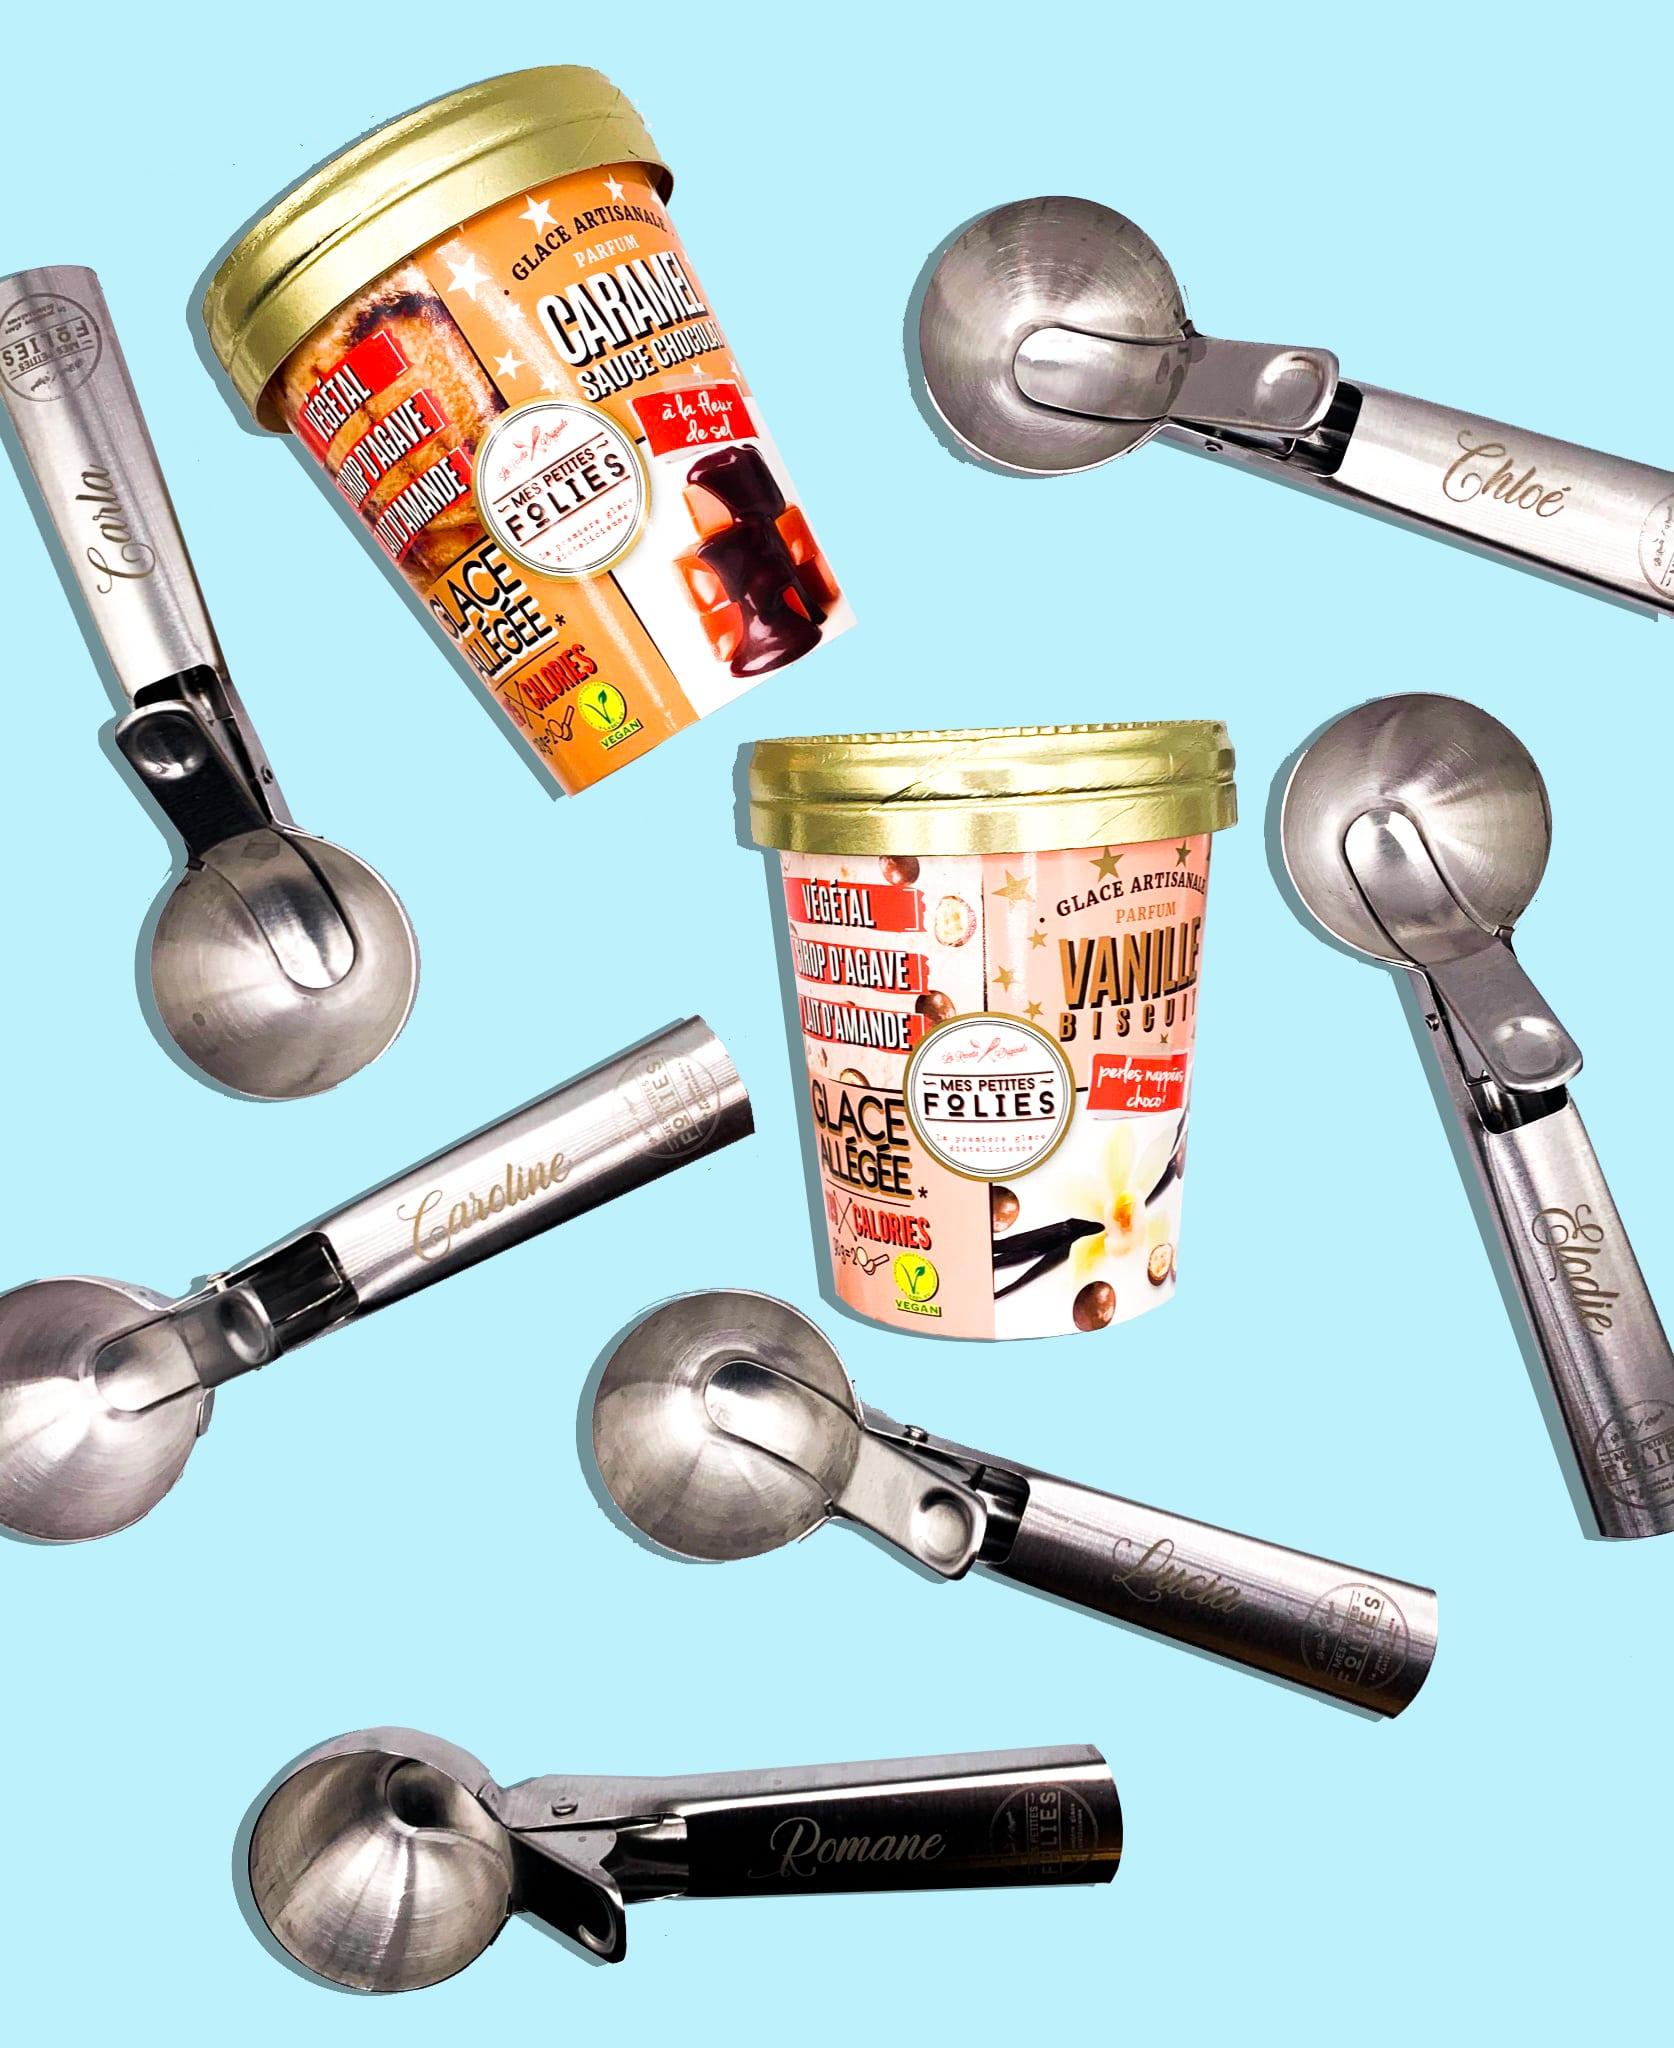 personnaliser-votre-cuillere-a-glace-artisanale